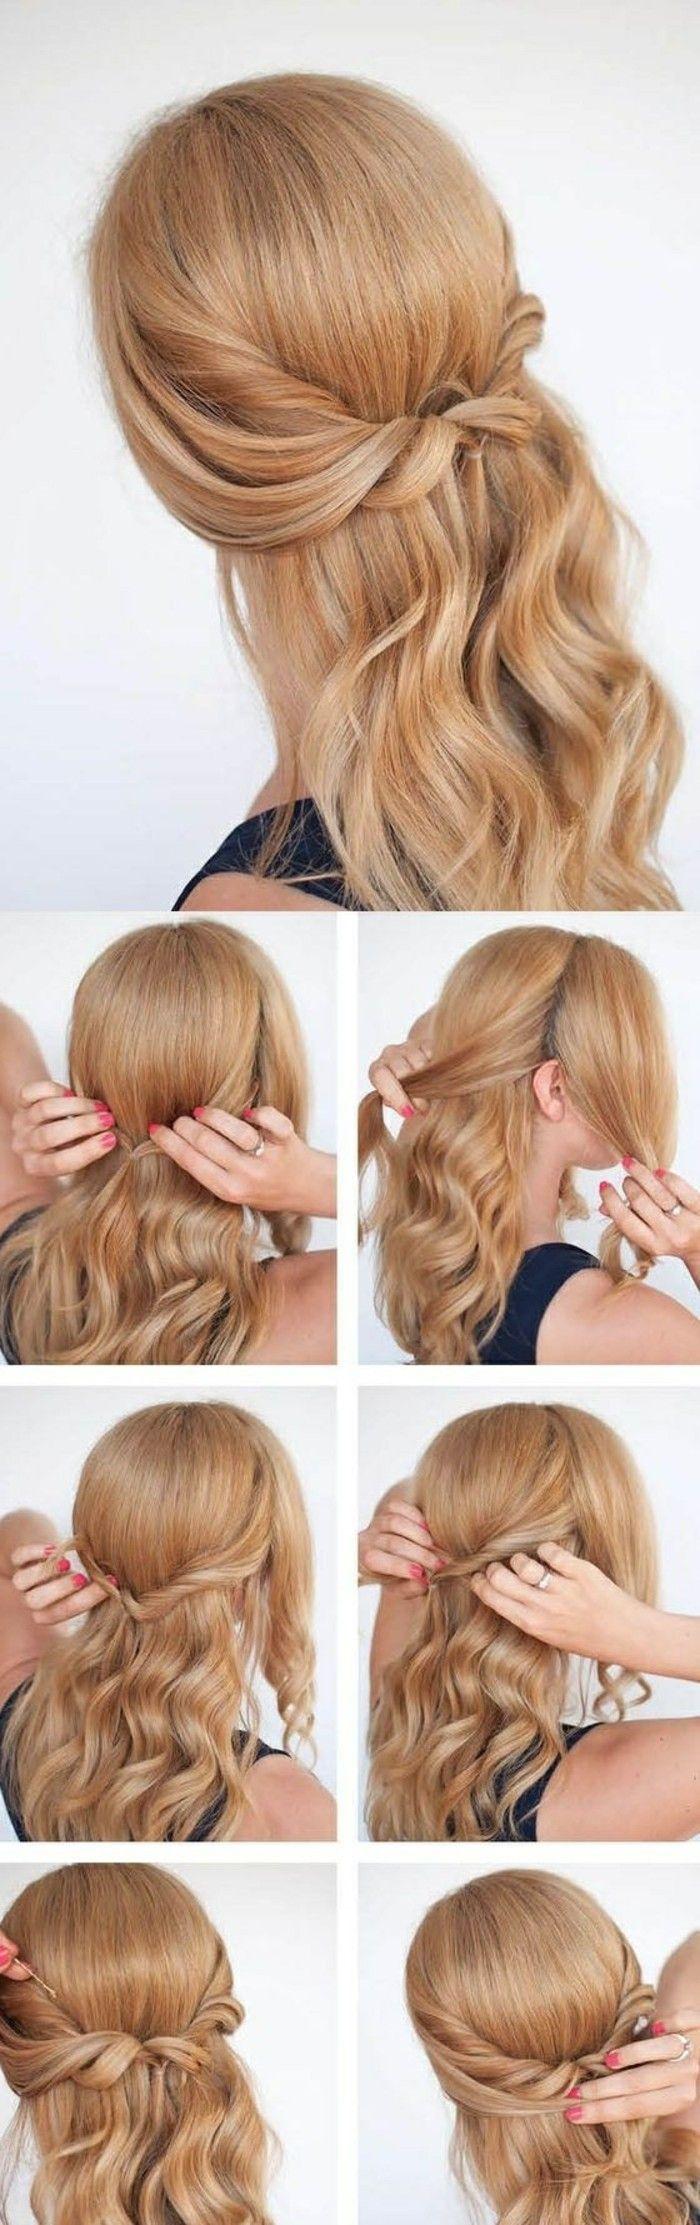 1001 Ideen Fur Schone Haarfrisuren Plus Anleitungen Zum Selbermachen Haarfrisuren Frisuren Schulterlang Frisuren Fur Lockiges Haar